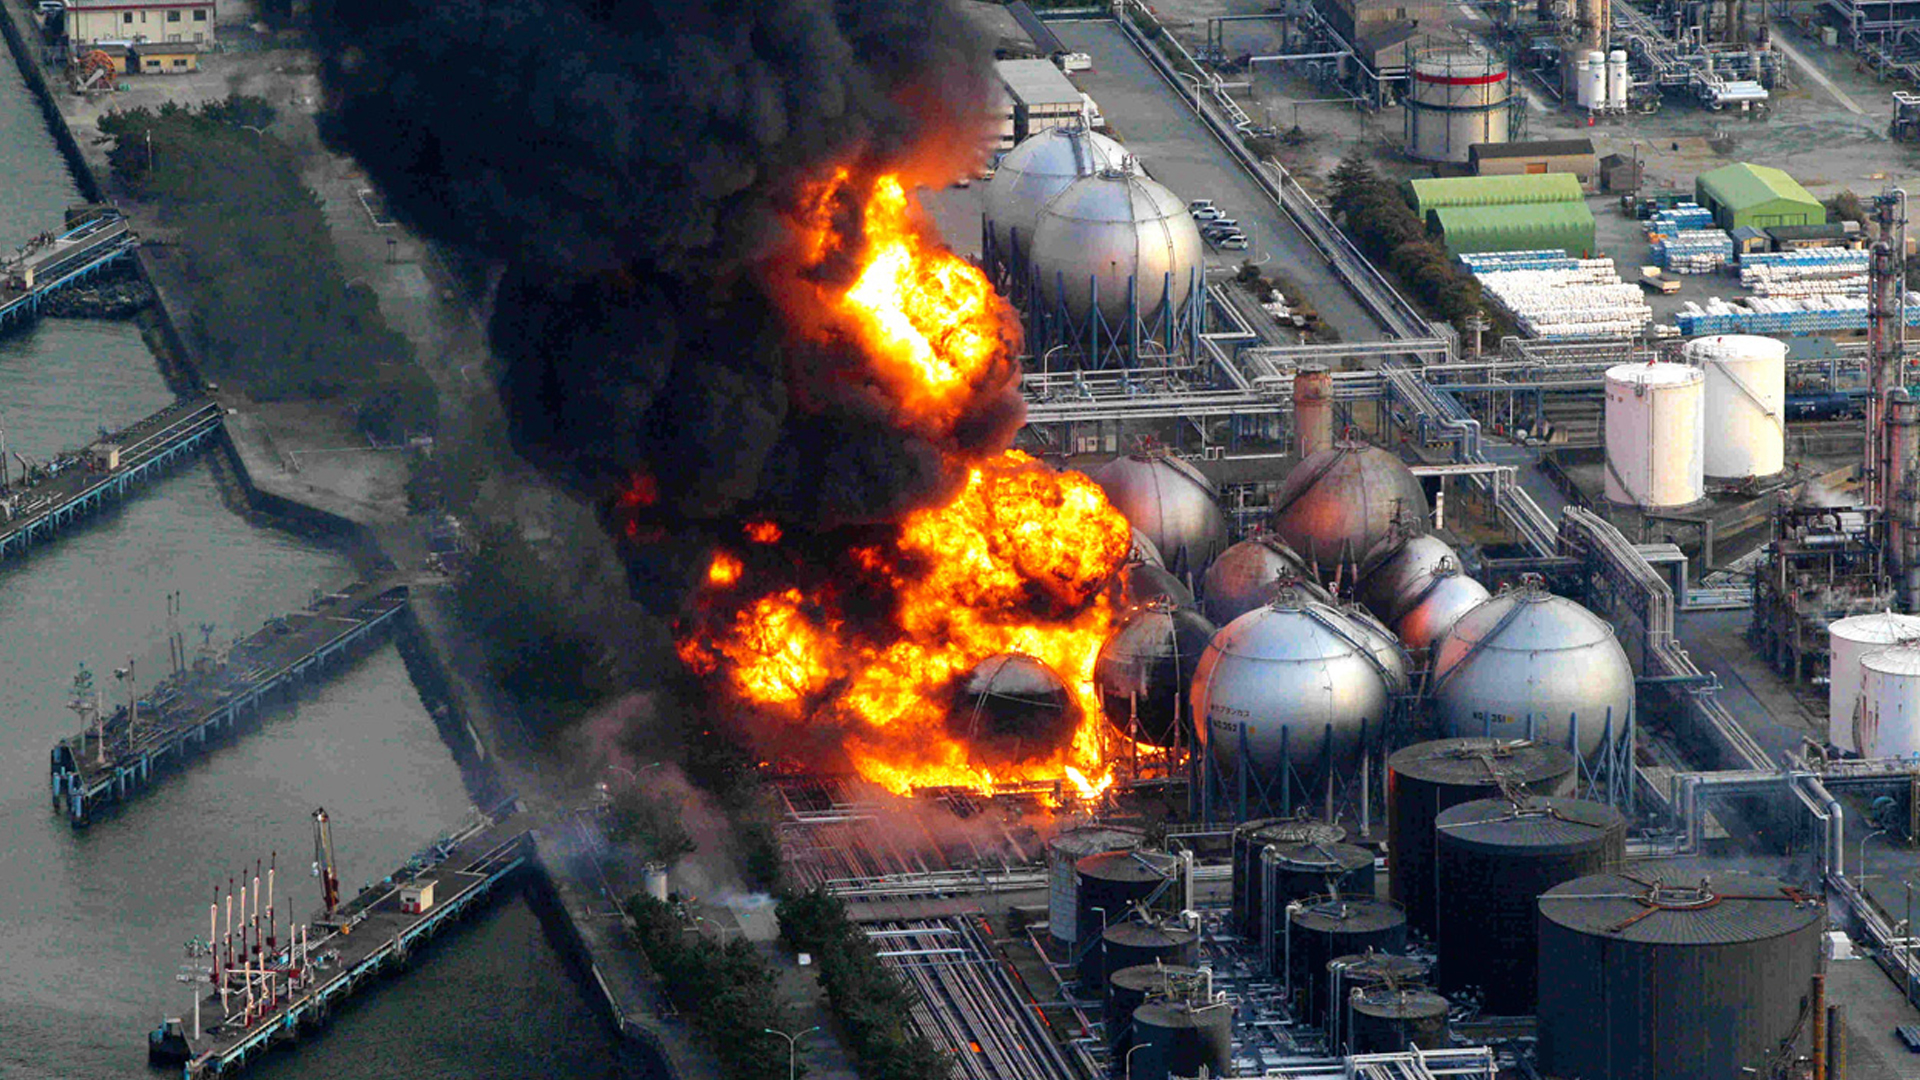 Fukushima: el 11 de marzo de 2011, un terremoto y posterior tsunami sacudieron la costa oriental de Japón y provocaron el mayor accidente nuclear desde Chernobyl. Foto: Archivo DEF.